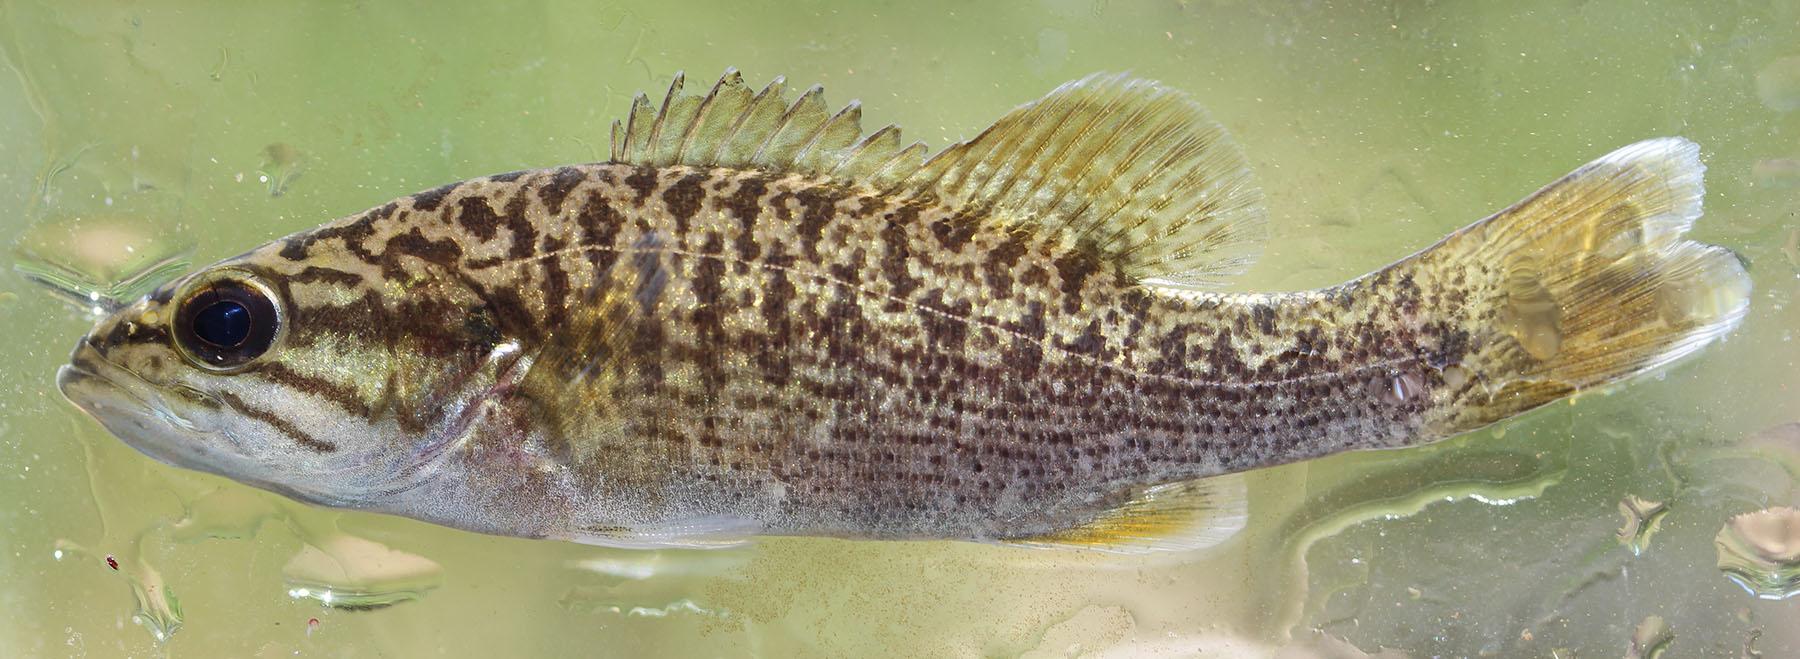 Micropterus warriorensis Turkey Creek 4 Oct 2017